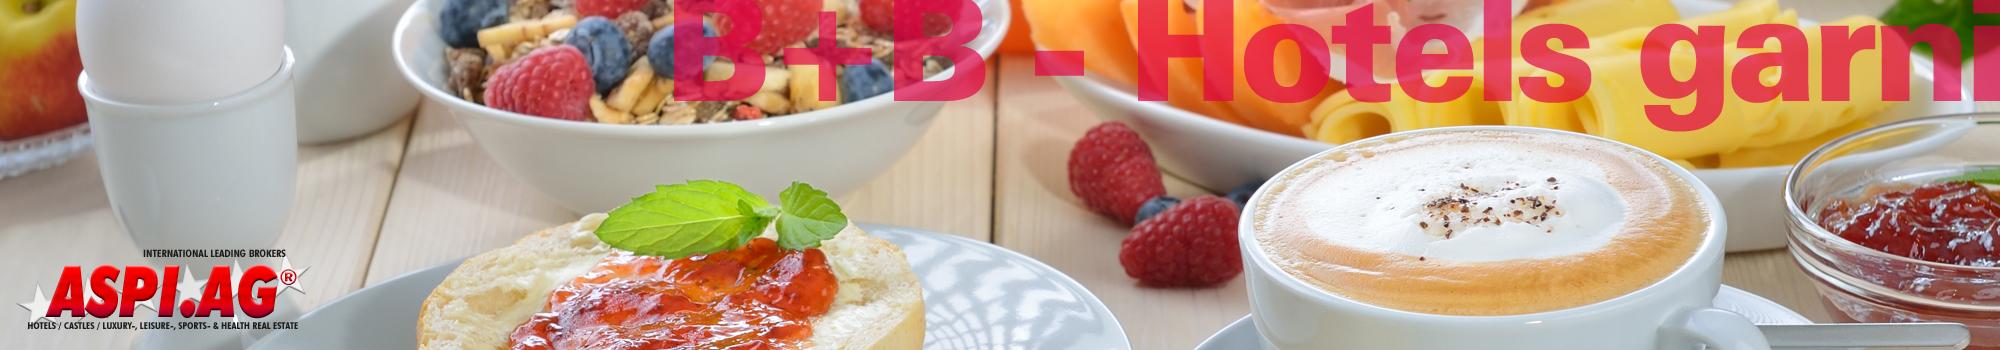 B+B Hotels garni for sale zu kaufen zu pachten bei Hotelmakler ASPI AG